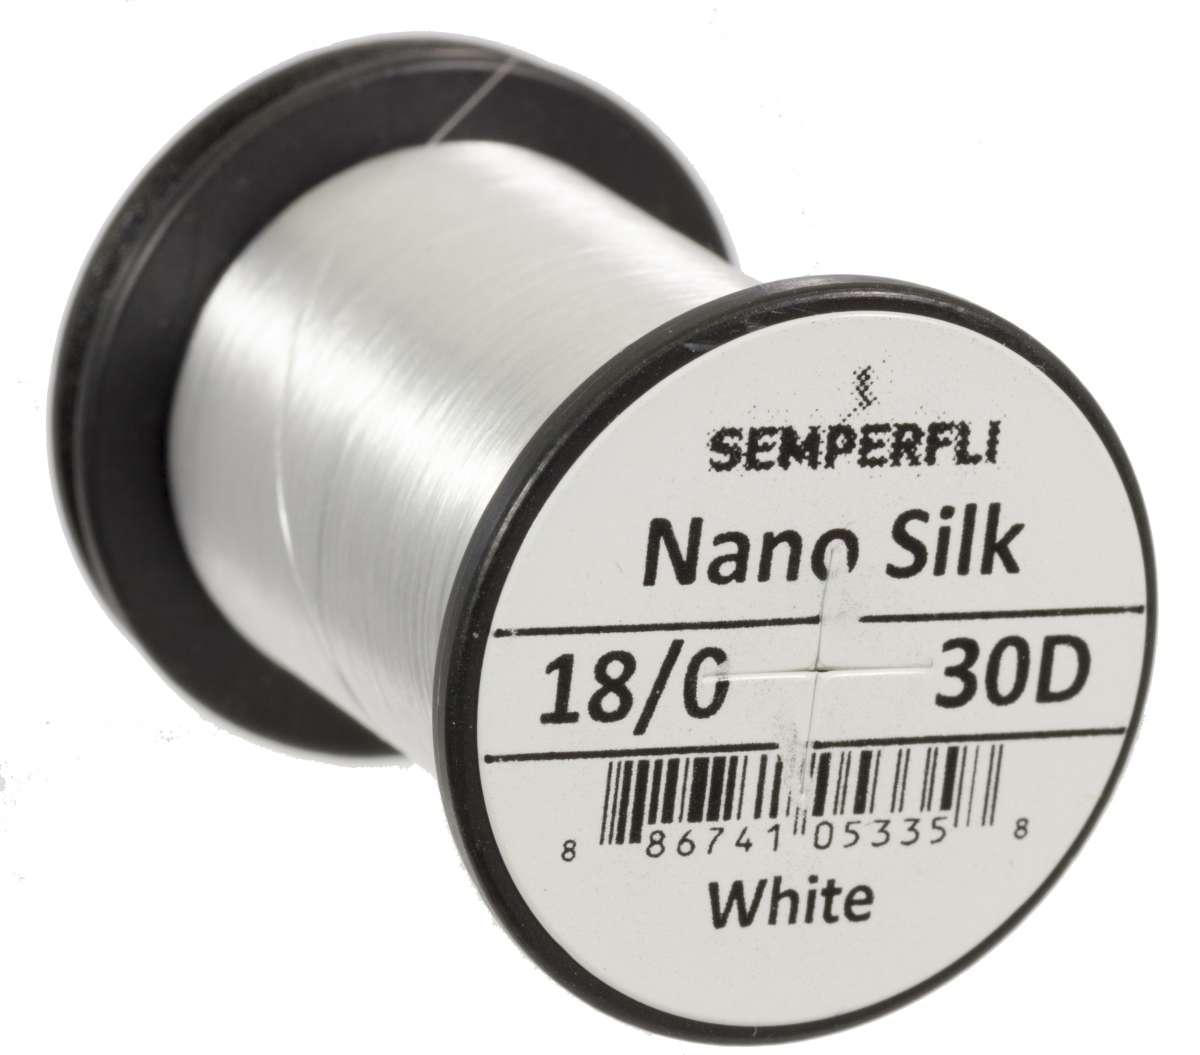 Nano Silk 30D - 18/0 White